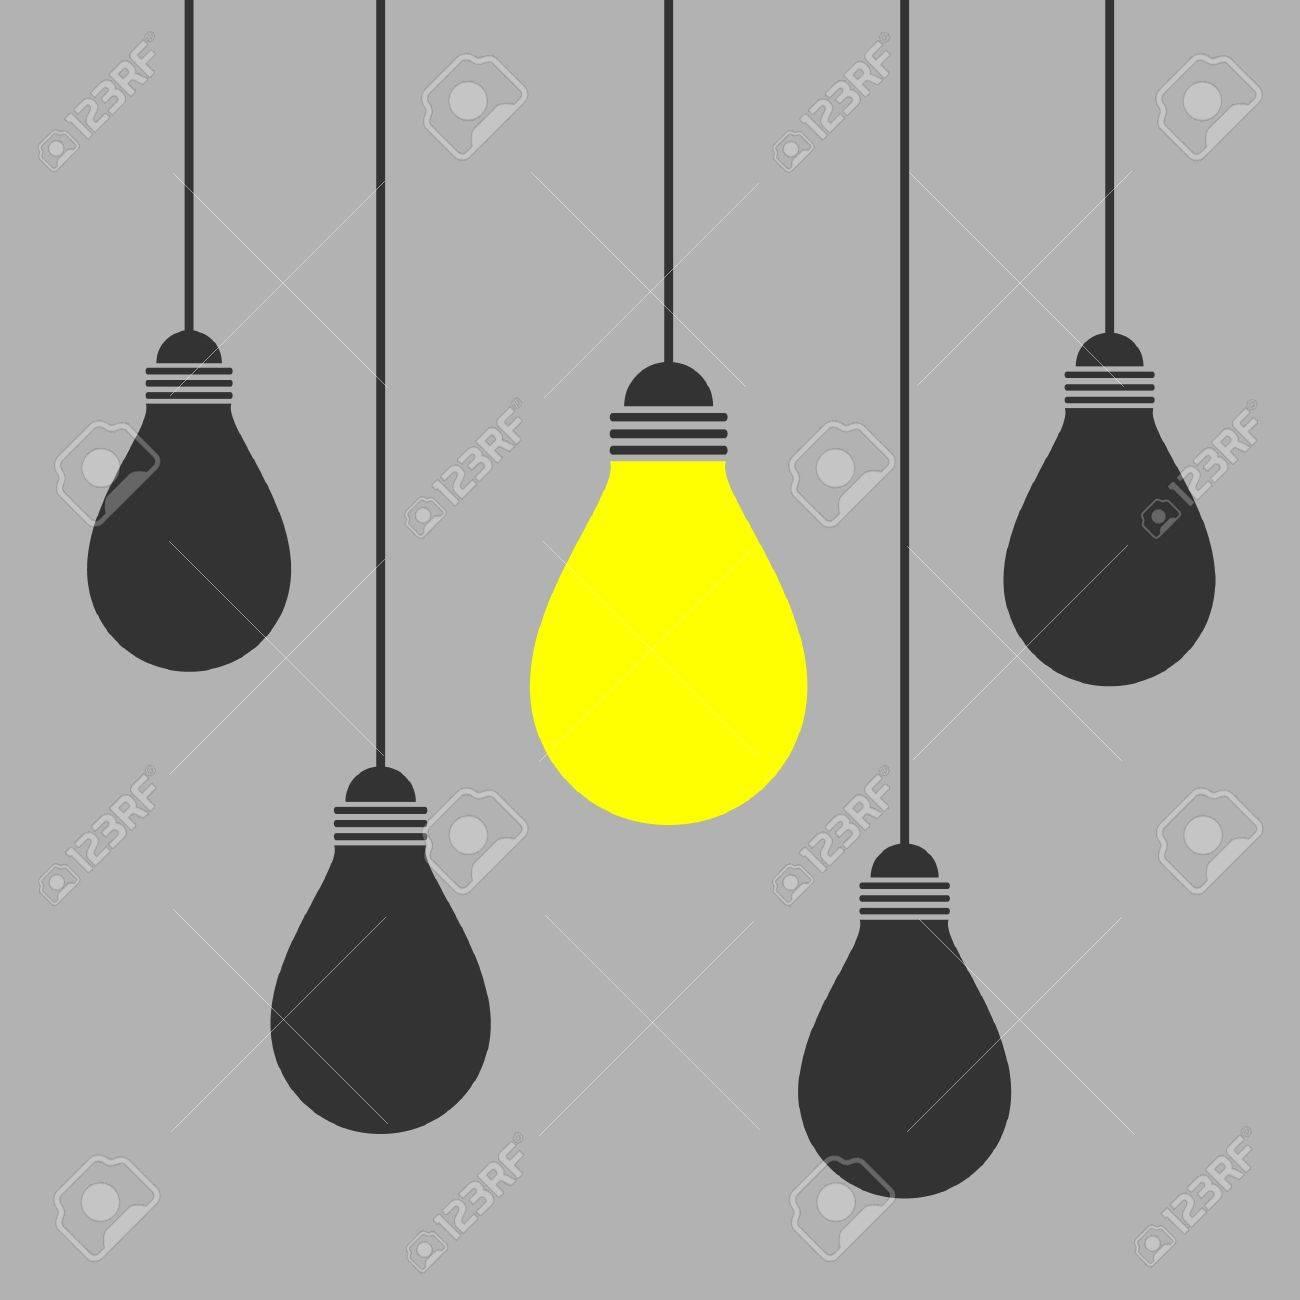 lighting bulb - 20949442